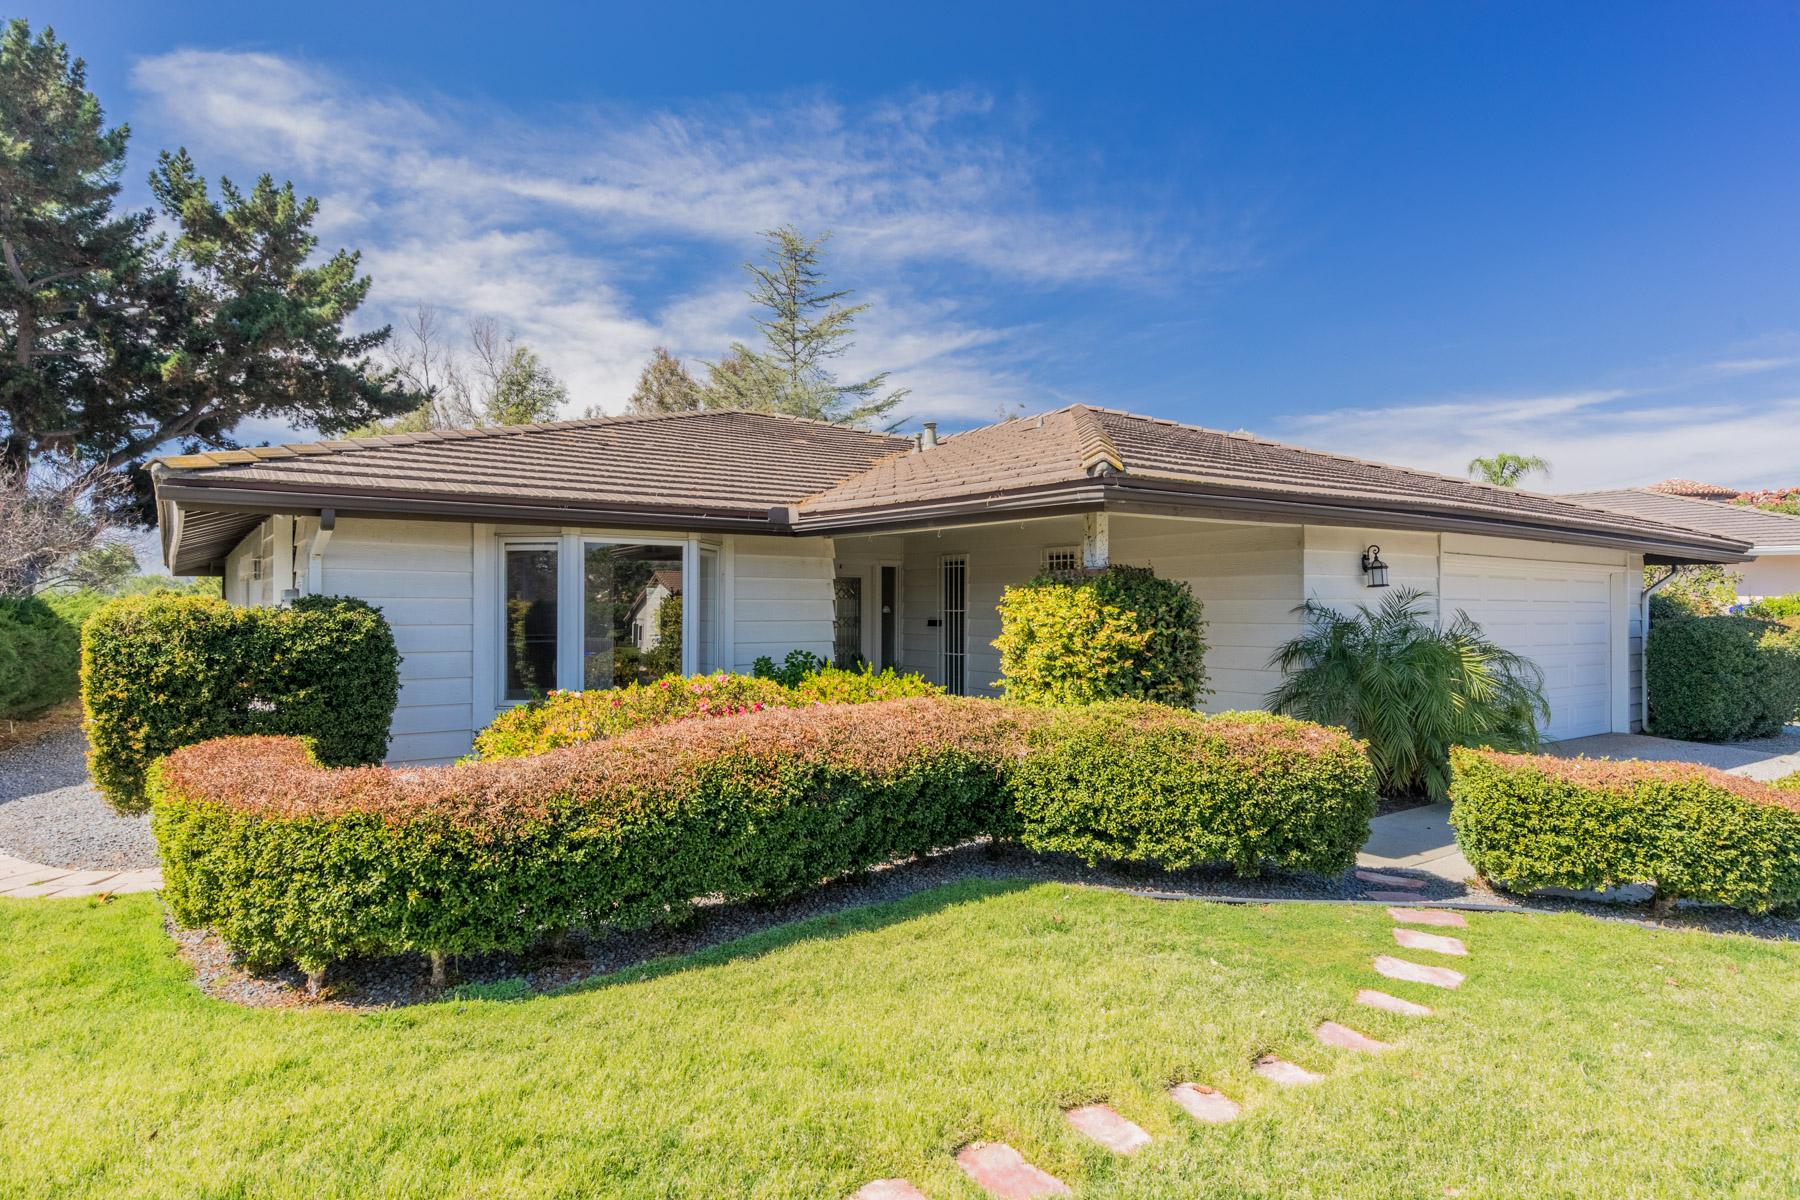 단독 가정 주택 용 매매 에 12384 Grandee Road San Diego, 캘리포니아, 92128 미국